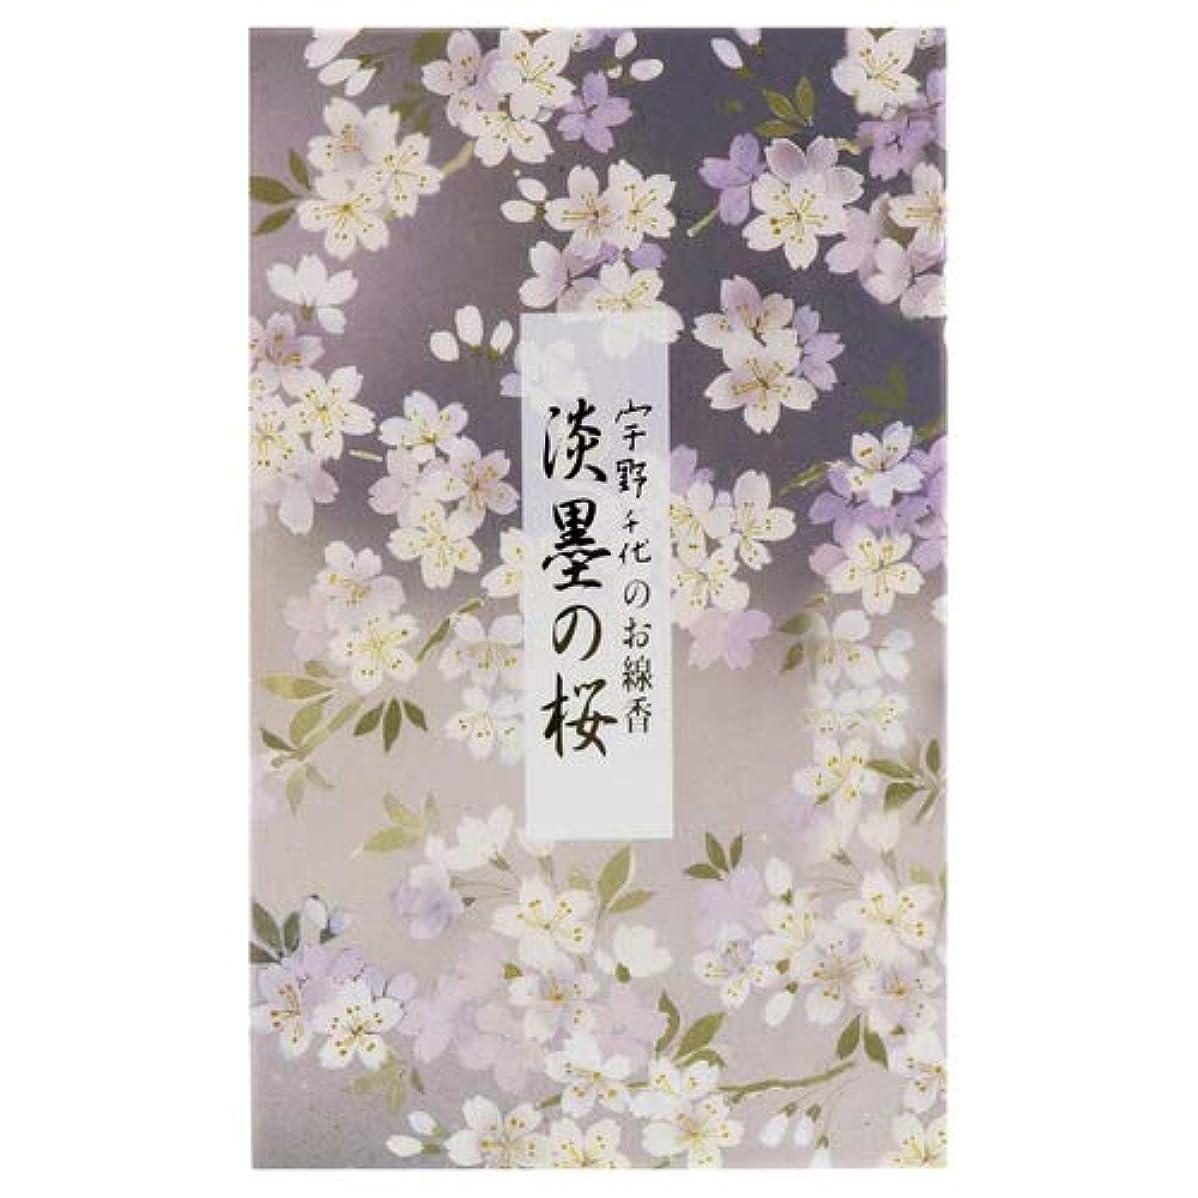 収まるインカ帝国勝つ宇野千代のお線香 淡墨の桜 バラ詰